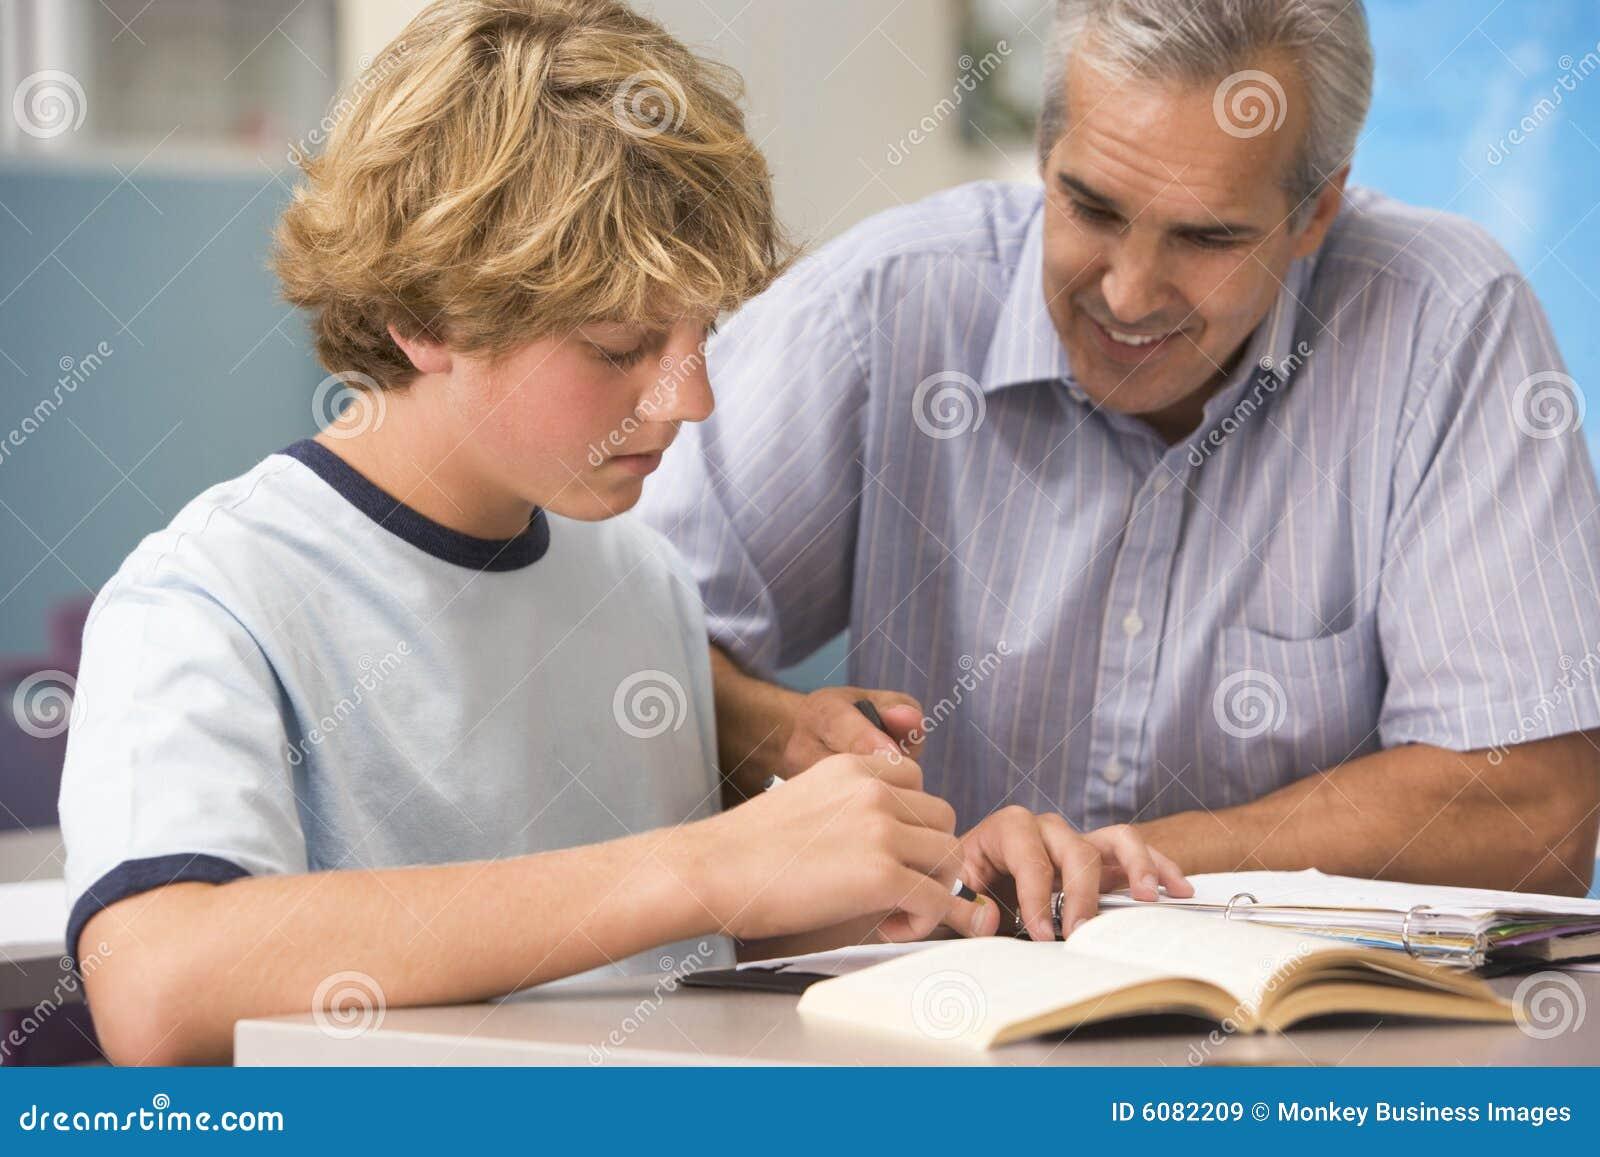 Ein Lehrer weist einen Schüler an